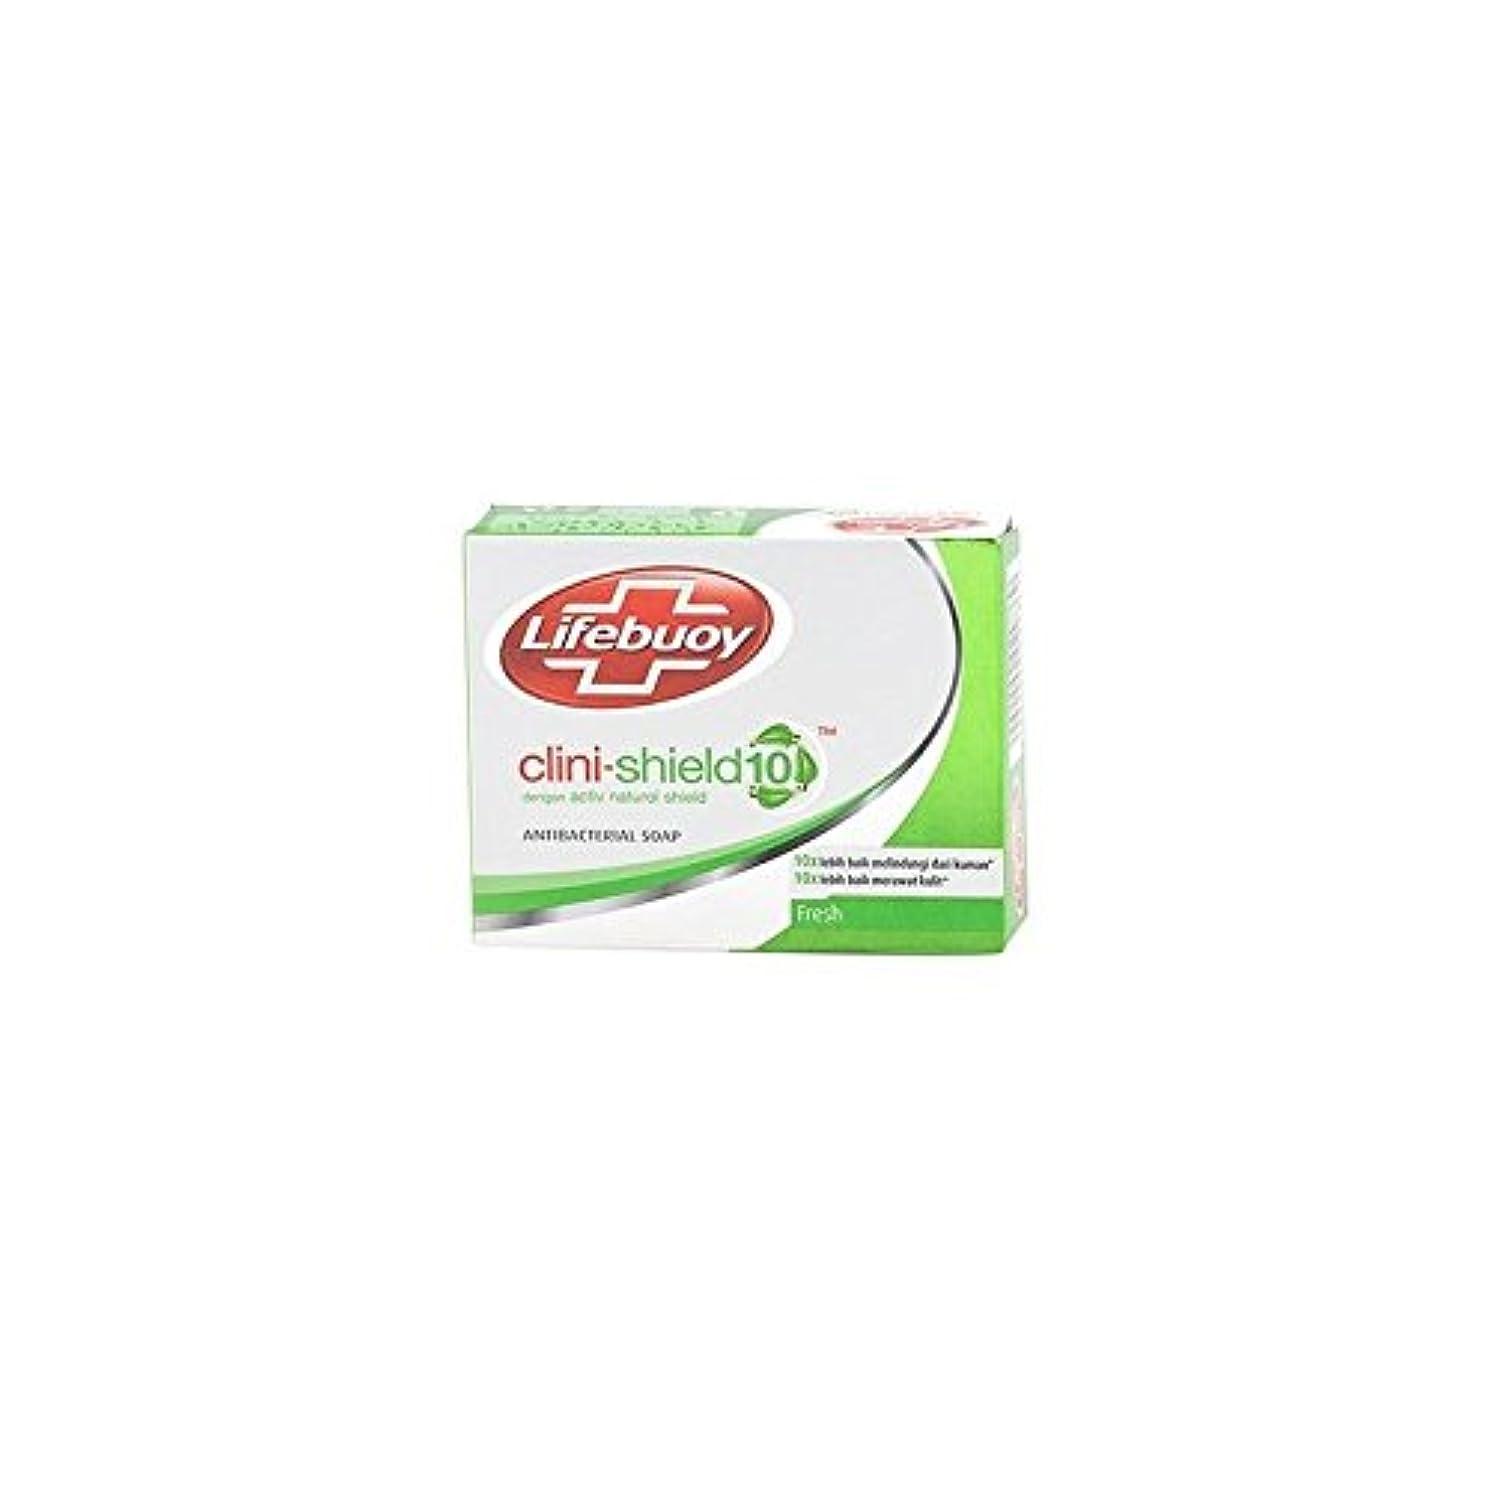 統計的保安定規Unilever Indonesia lifebouy石鹸cliniシールド-10フレッシュ、70グラム